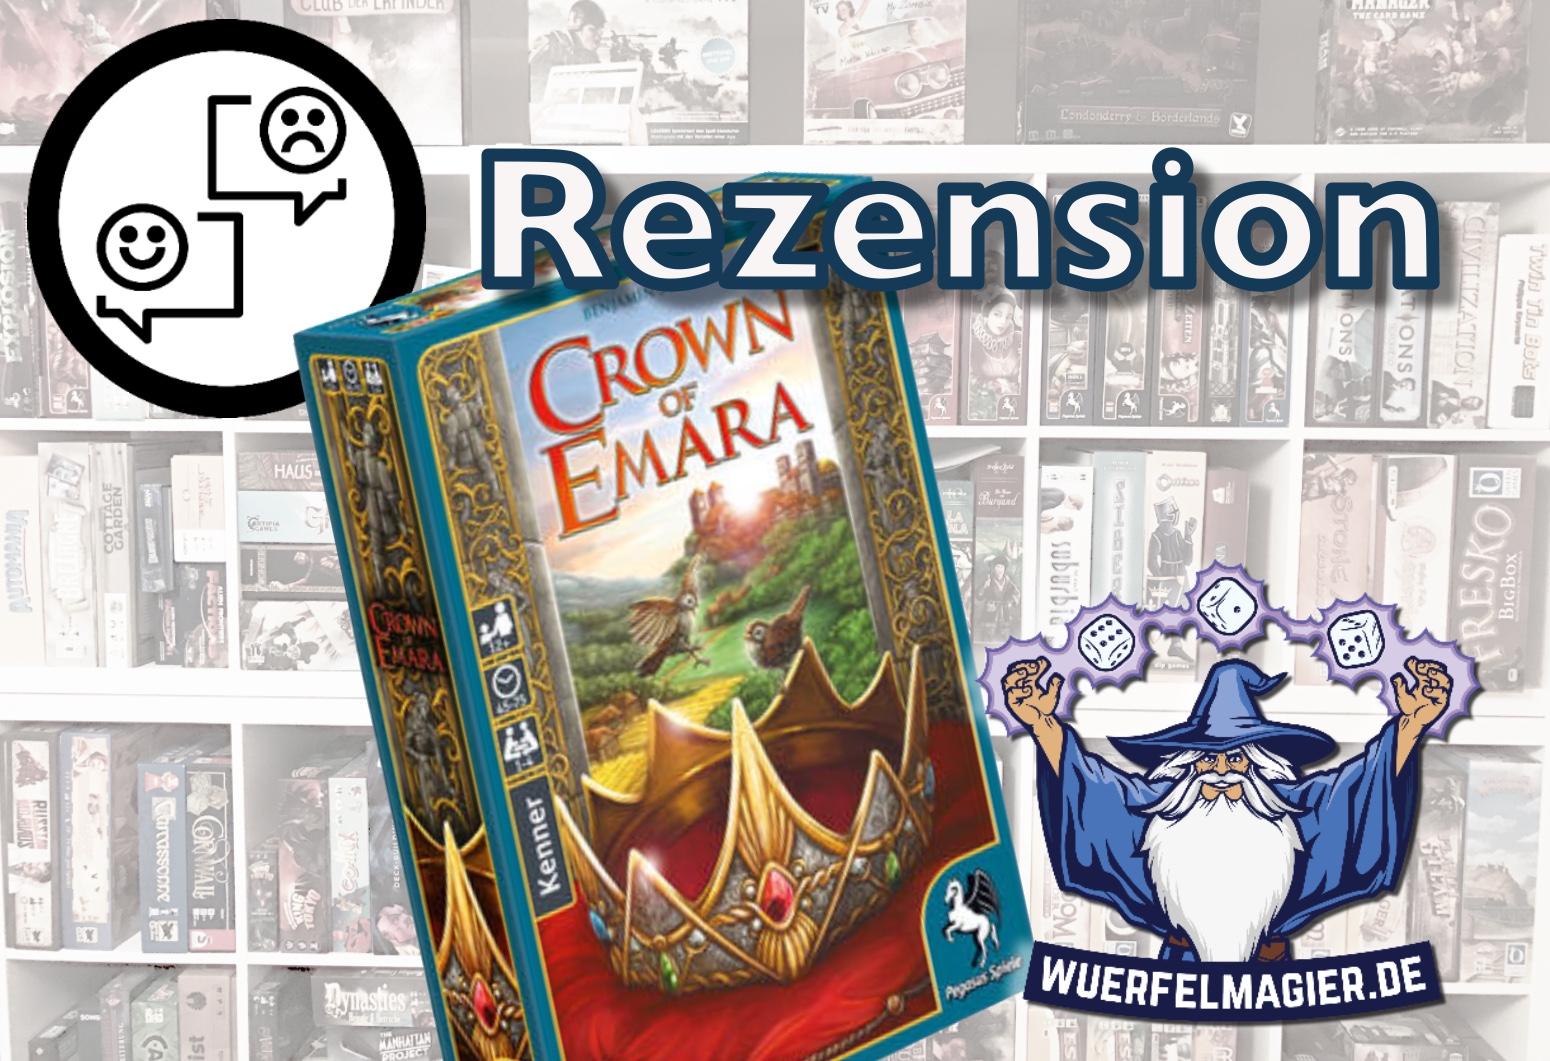 Rezension Crown of Emara Pegasus Spiele Rezension Review Wuerfelmagier Würfelmagier